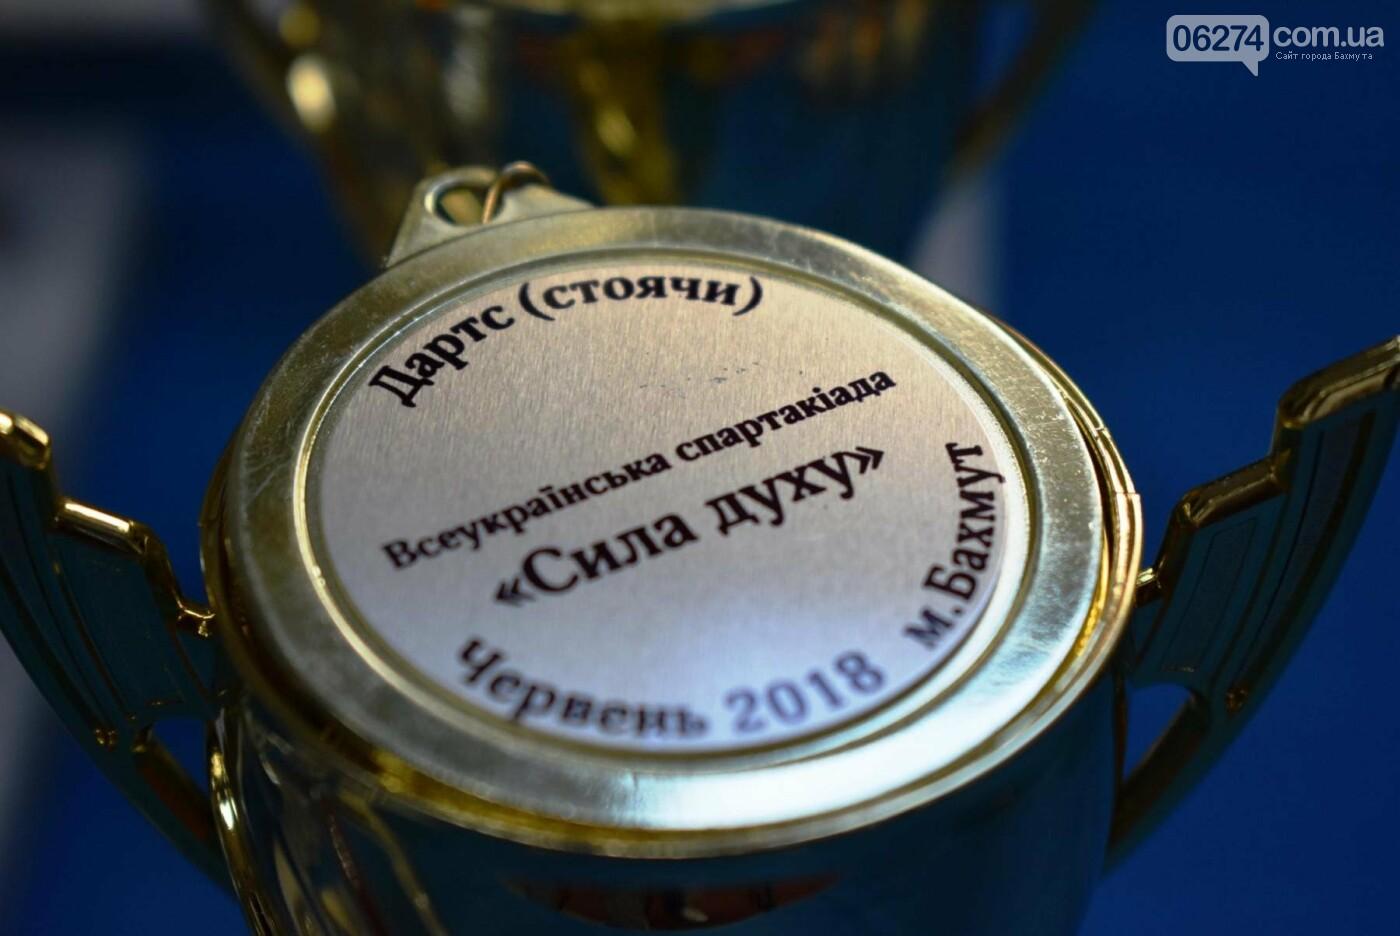 Бахмут четвертый раз принял всеукраинскую спартакиаду «Сила духа», фото-1